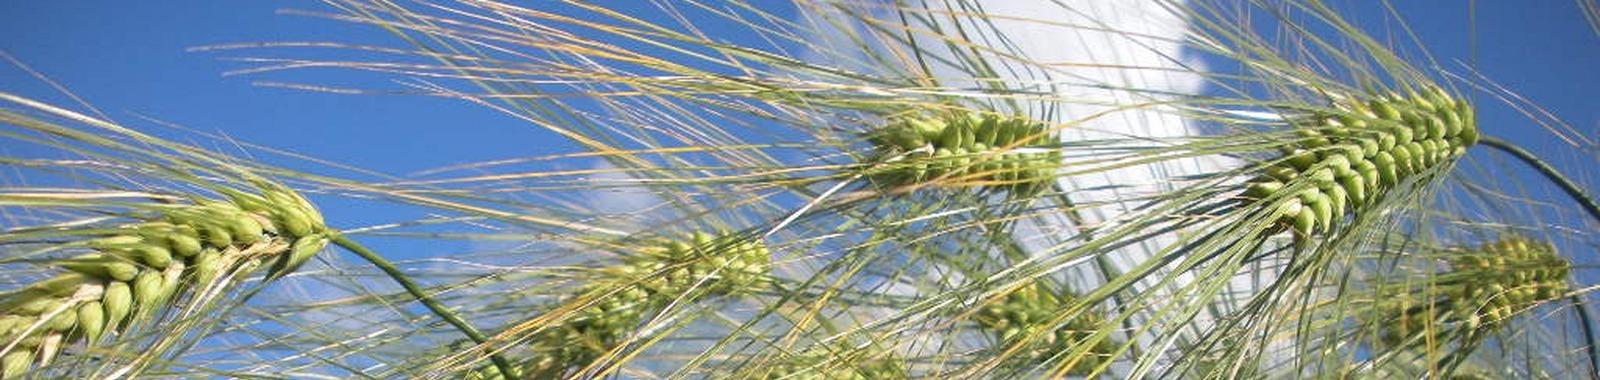 Lannoitus parantaa ohranjyvän kasvua